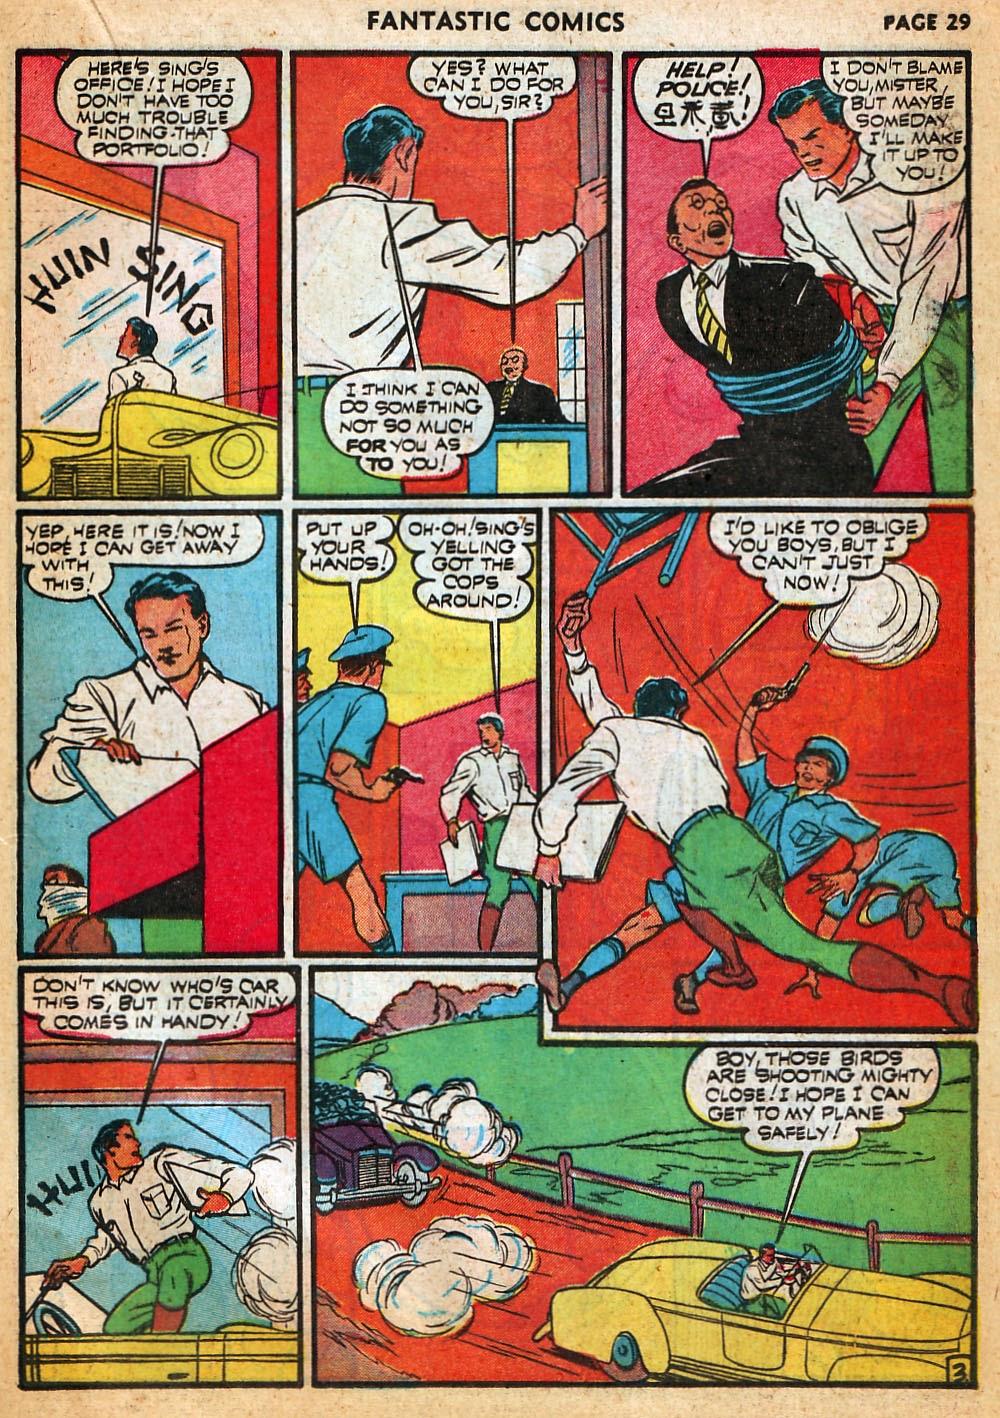 Read online Fantastic Comics comic -  Issue #22 - 31